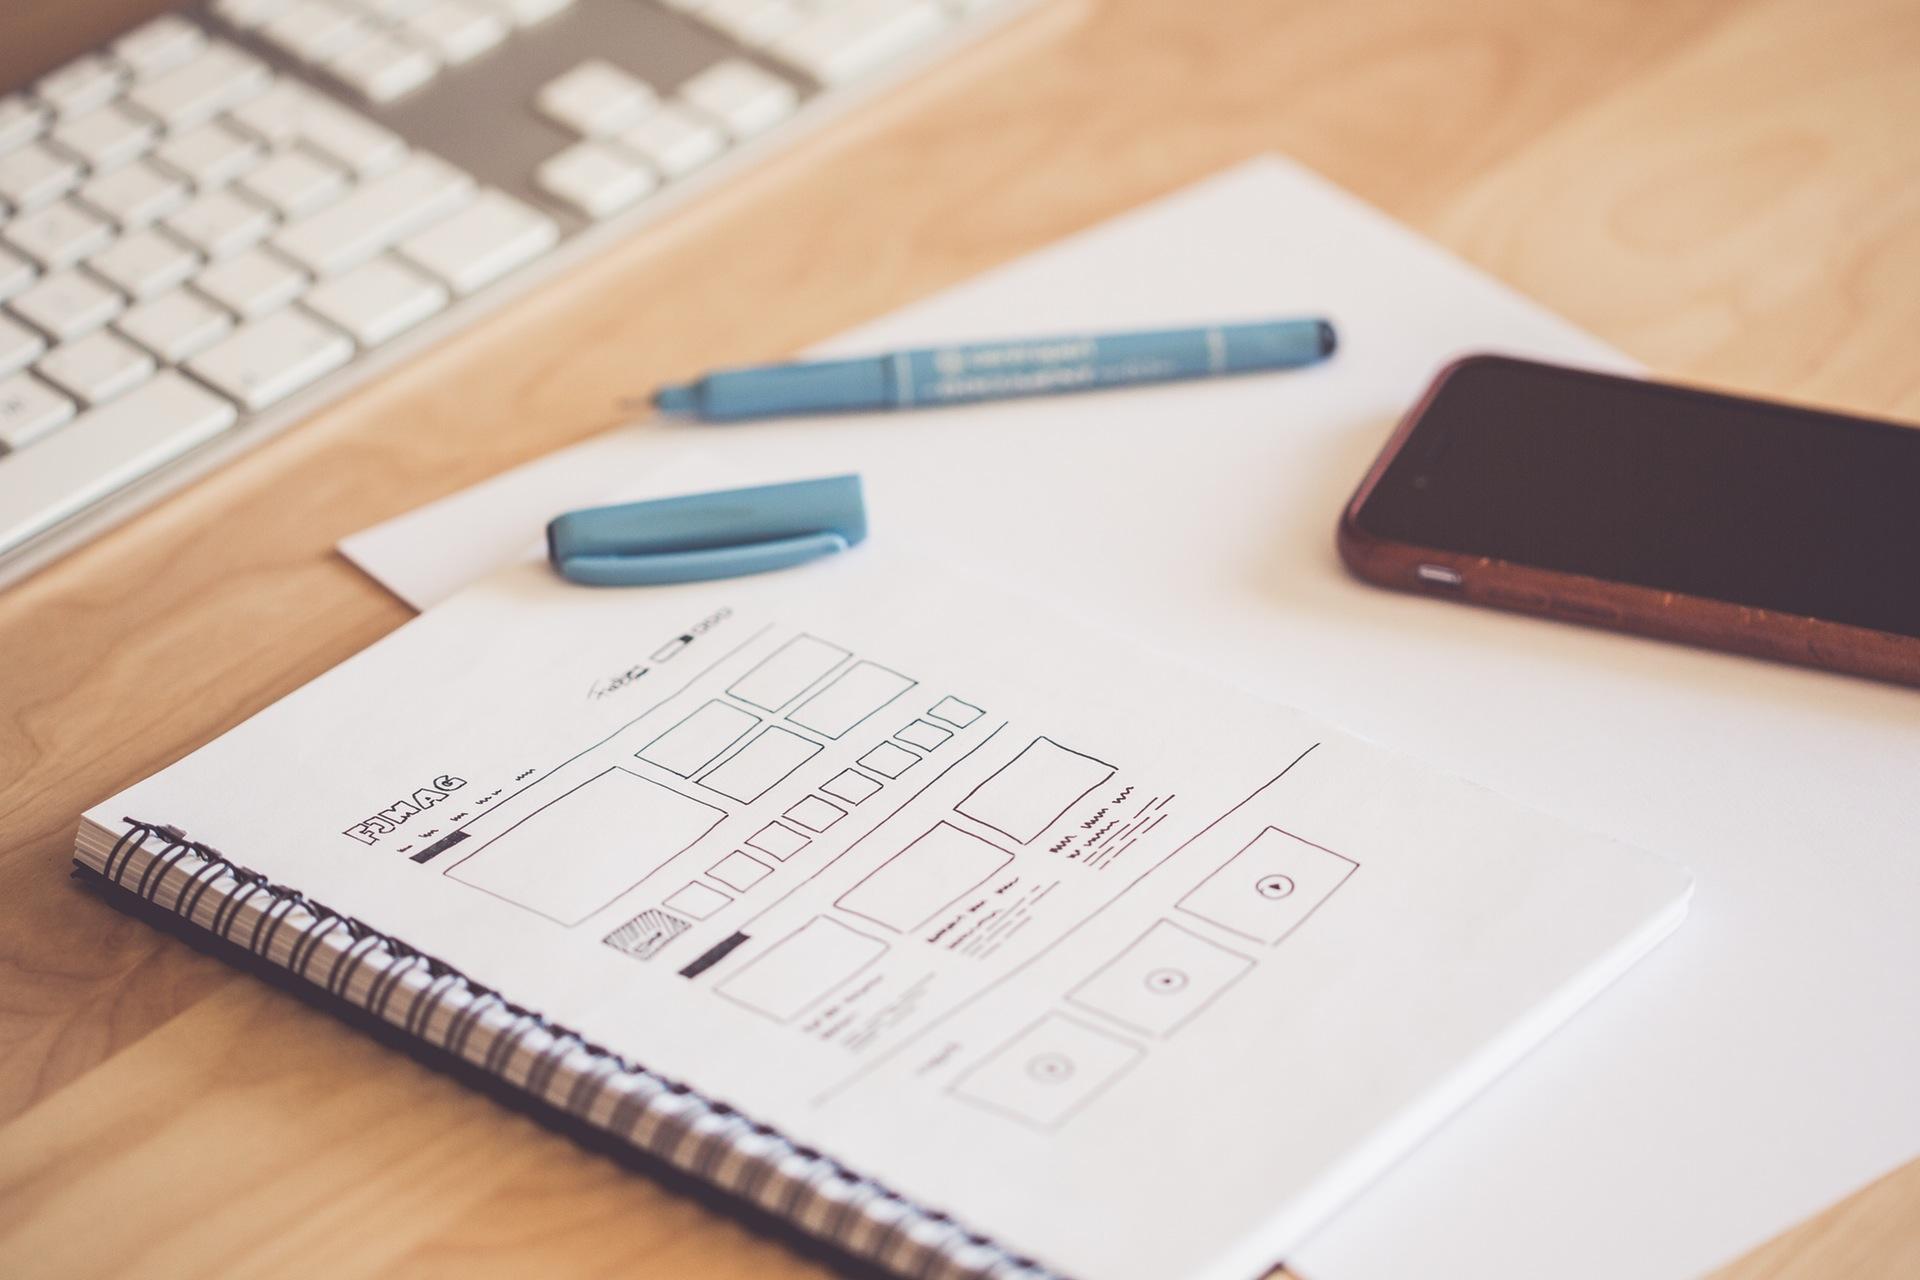 Diseño gráfico y web esbozo